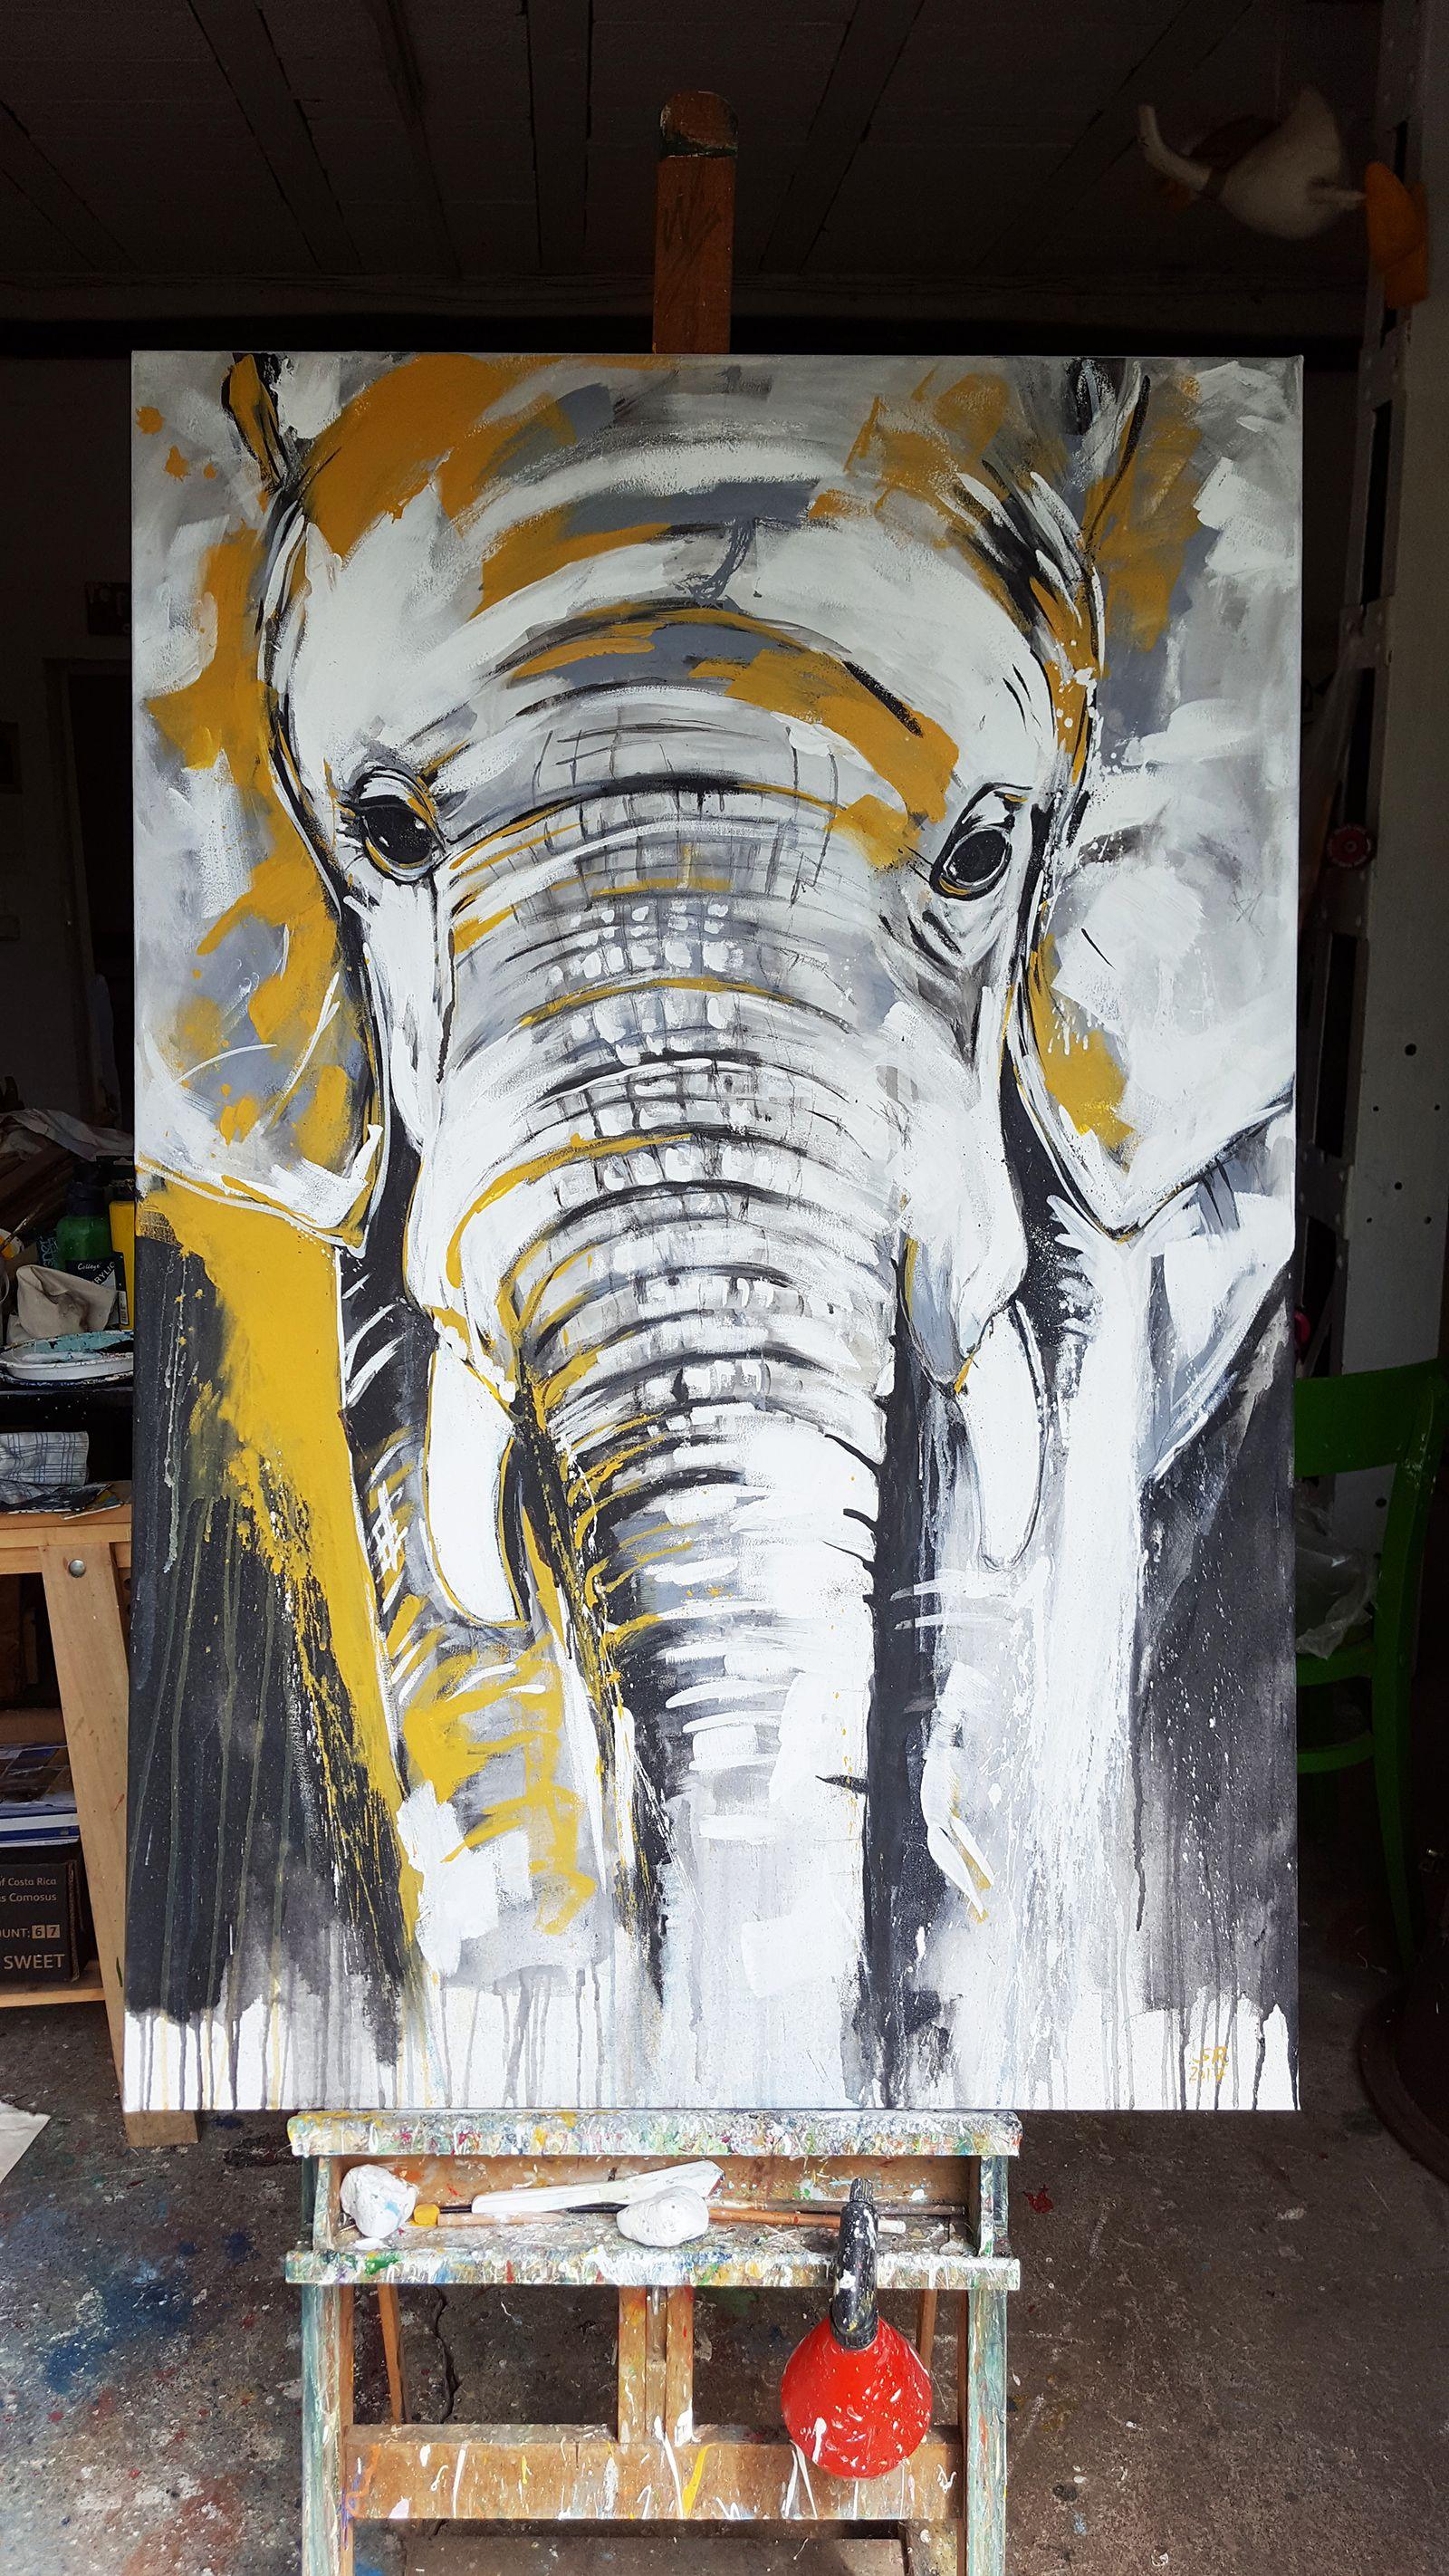 Elefant 2 expressive malerei auf gro formatiger leinwand in meinem atelier malerei - Elefanten bilder auf leinwand ...